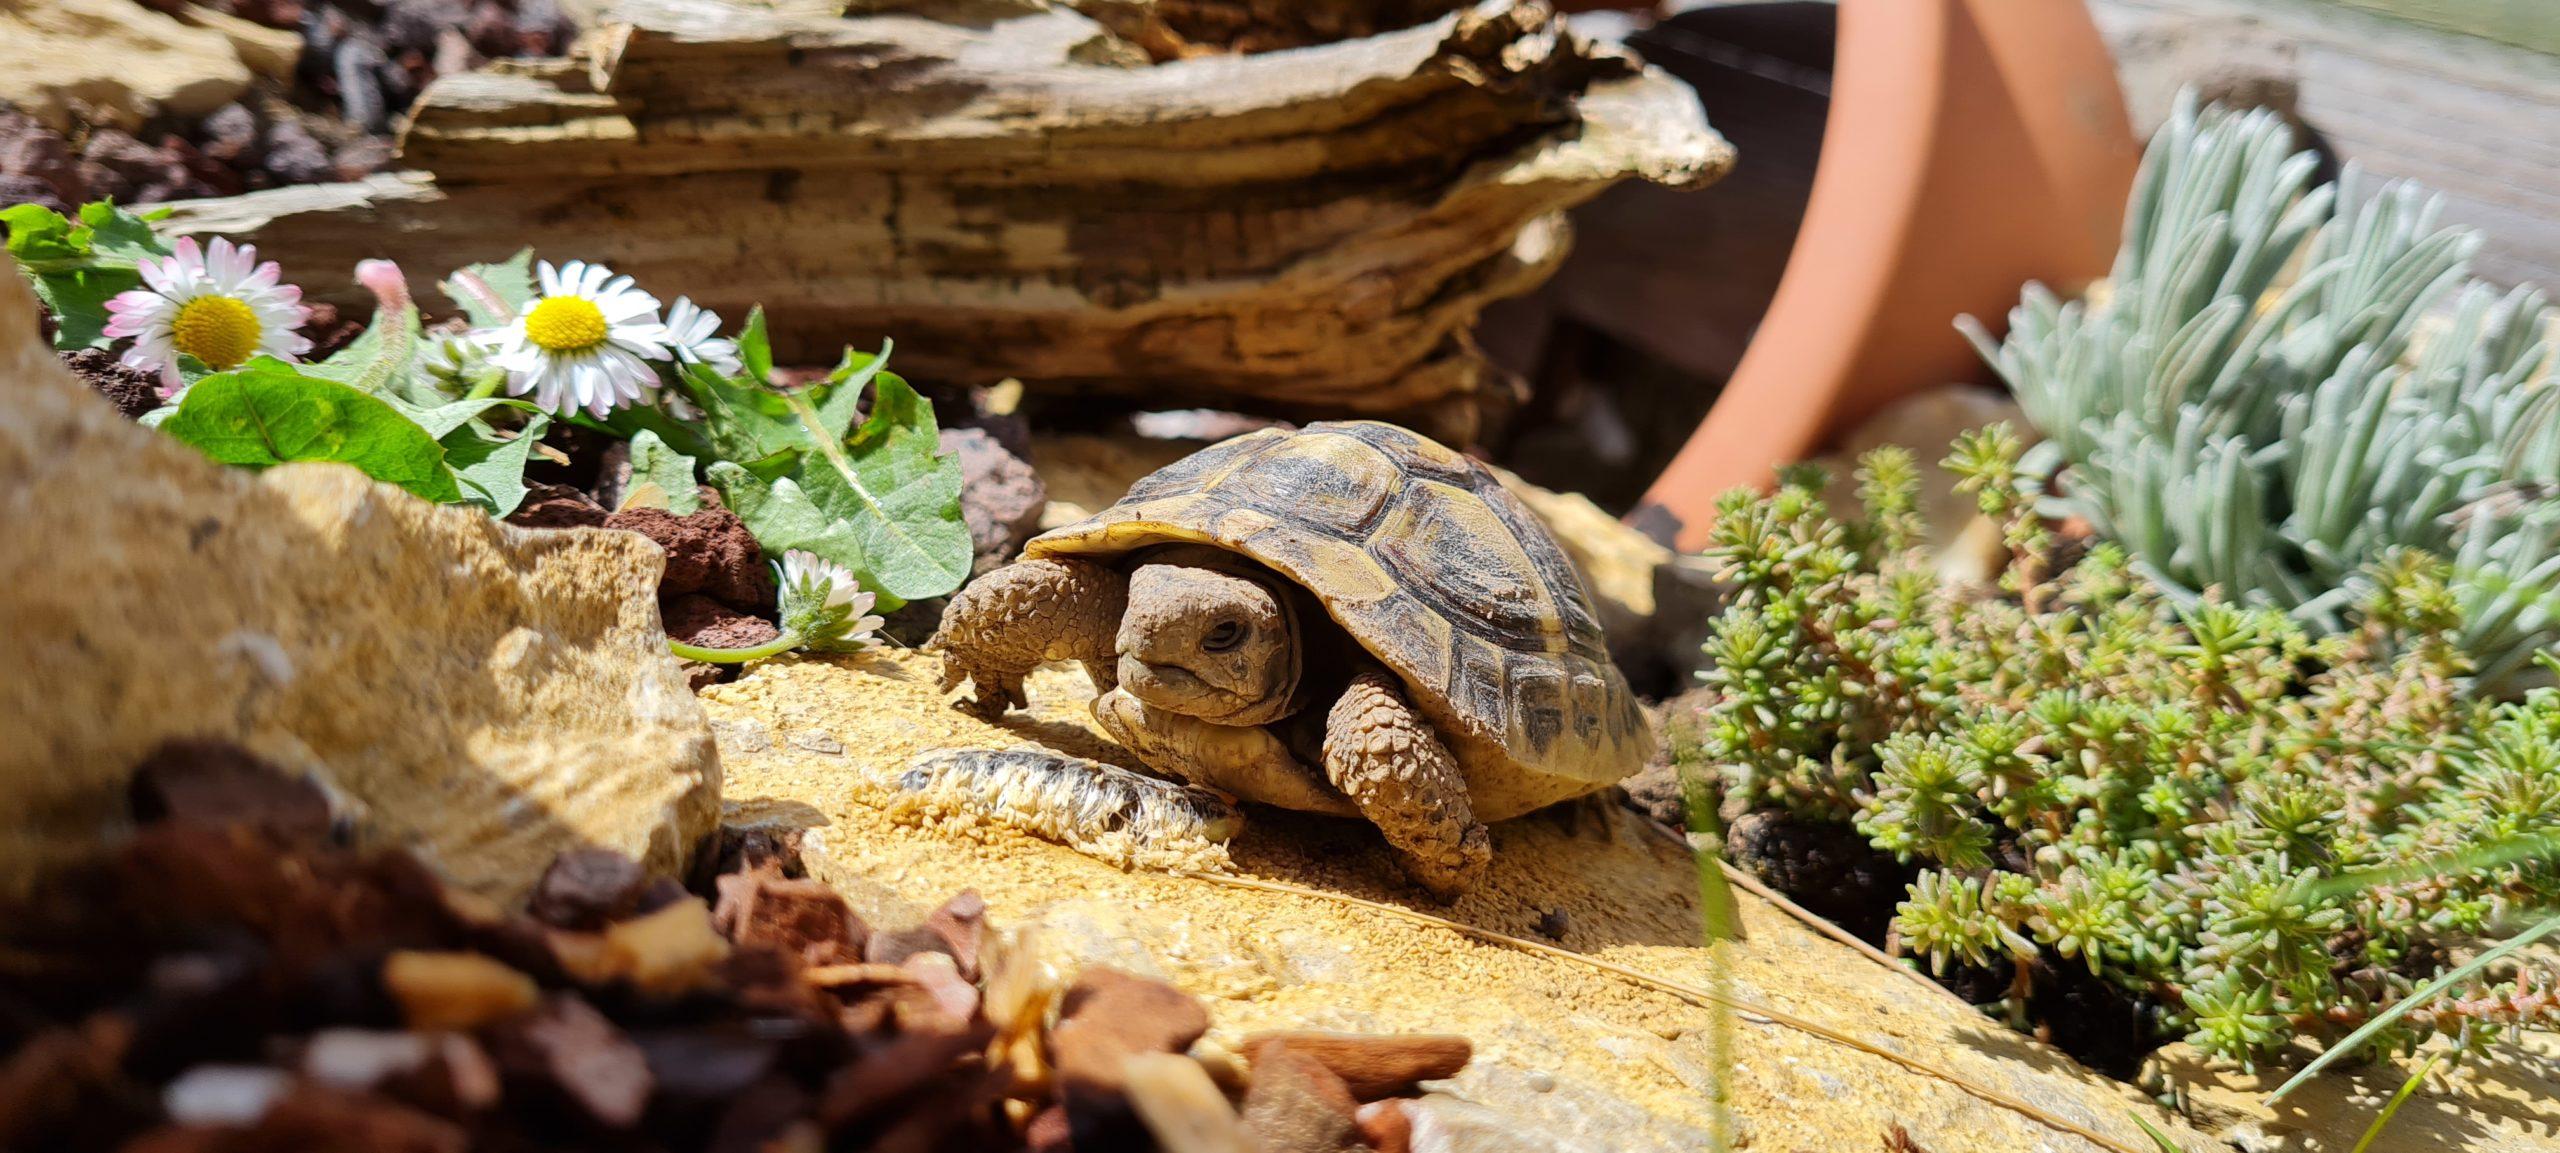 Griechische Landschildkröte noch etwas schmutzig nach dem Winterschlaf